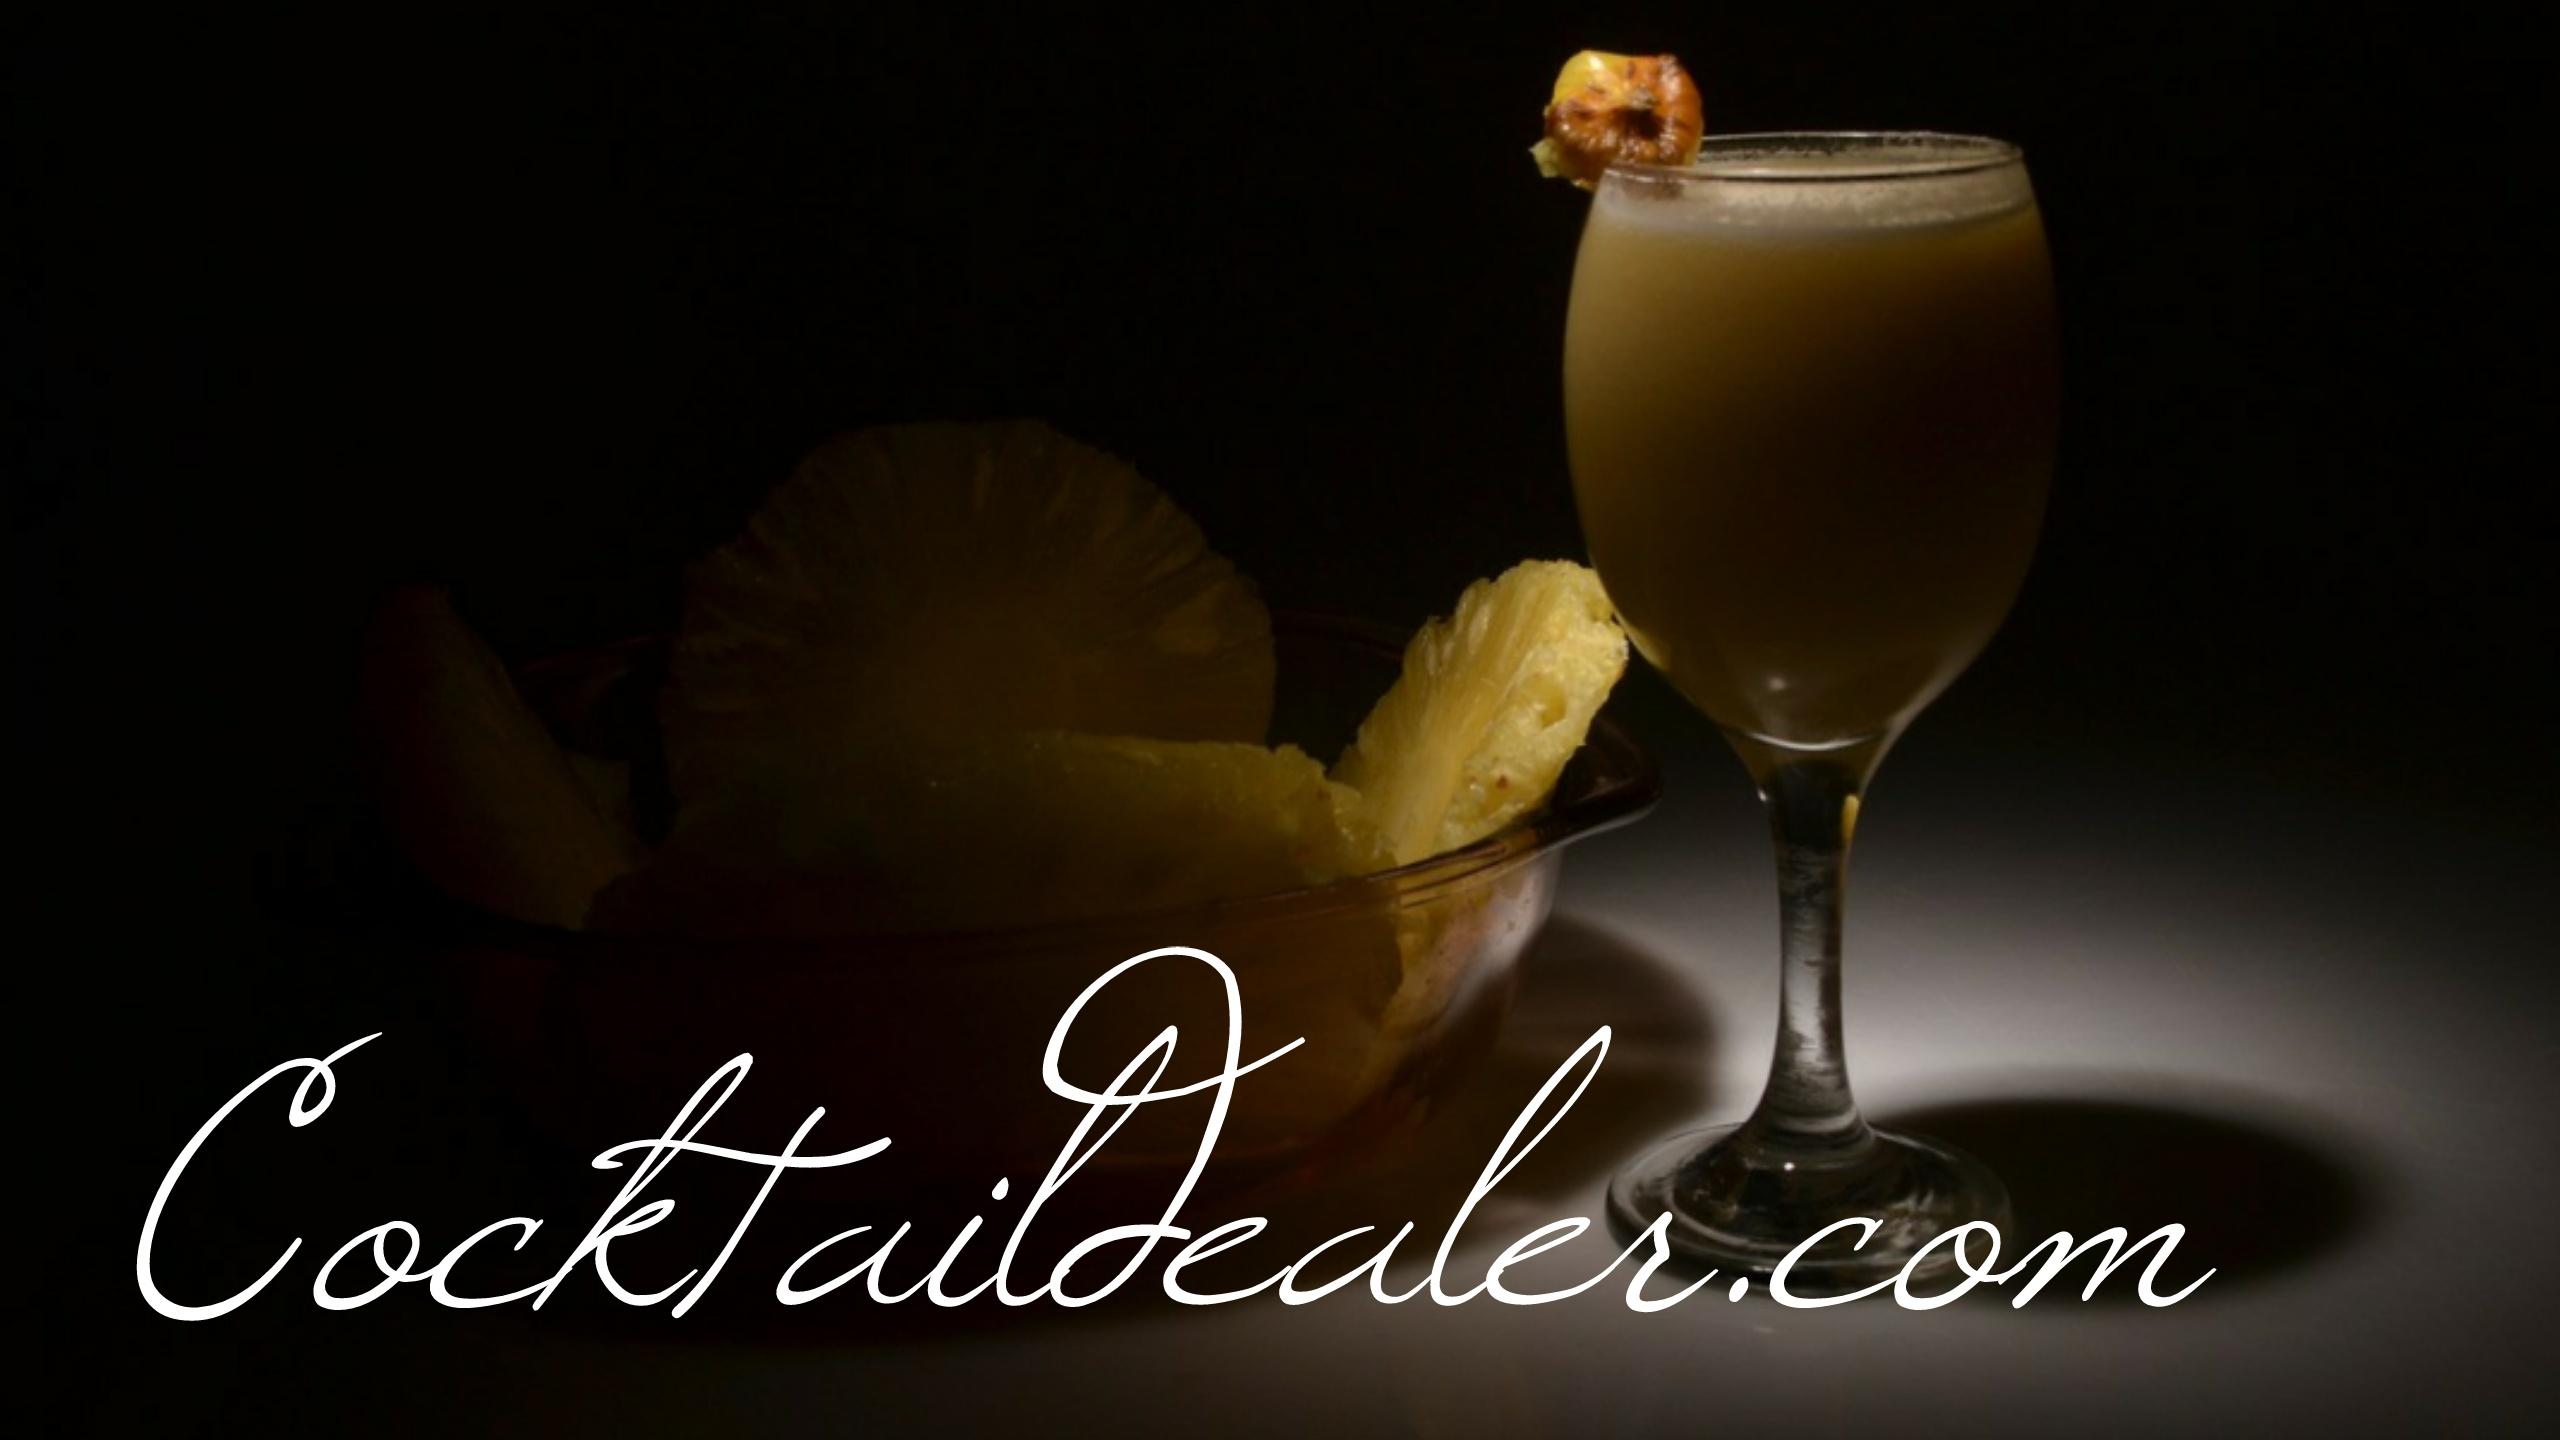 cocktaildealer.com